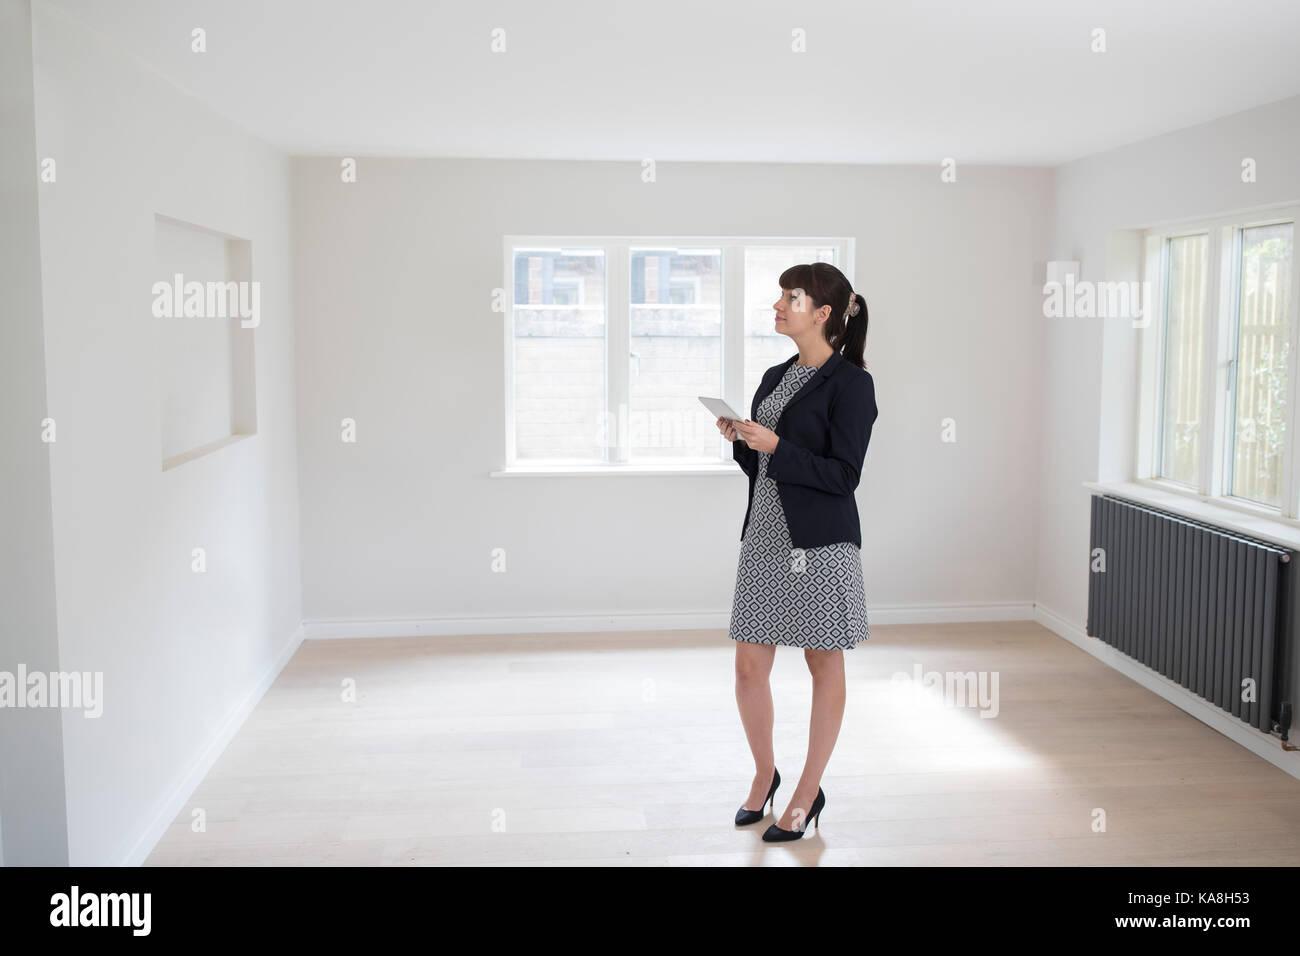 Weibliche Immobilienmakler mit digitalen Tablet schauen um freie Eigenschaft für die Bewertung Stockbild